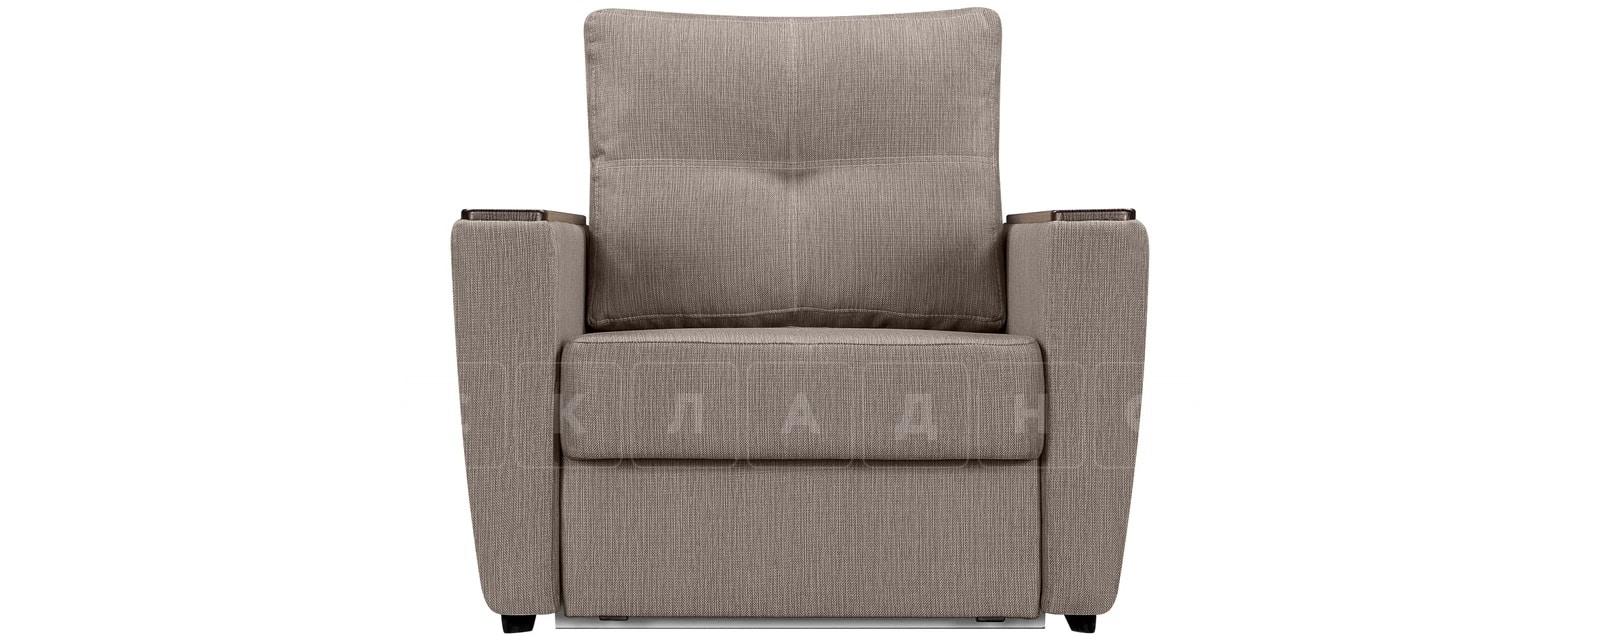 Кресло Майами темно-бежевое со спальным местом фото 2 | интернет-магазин Складно